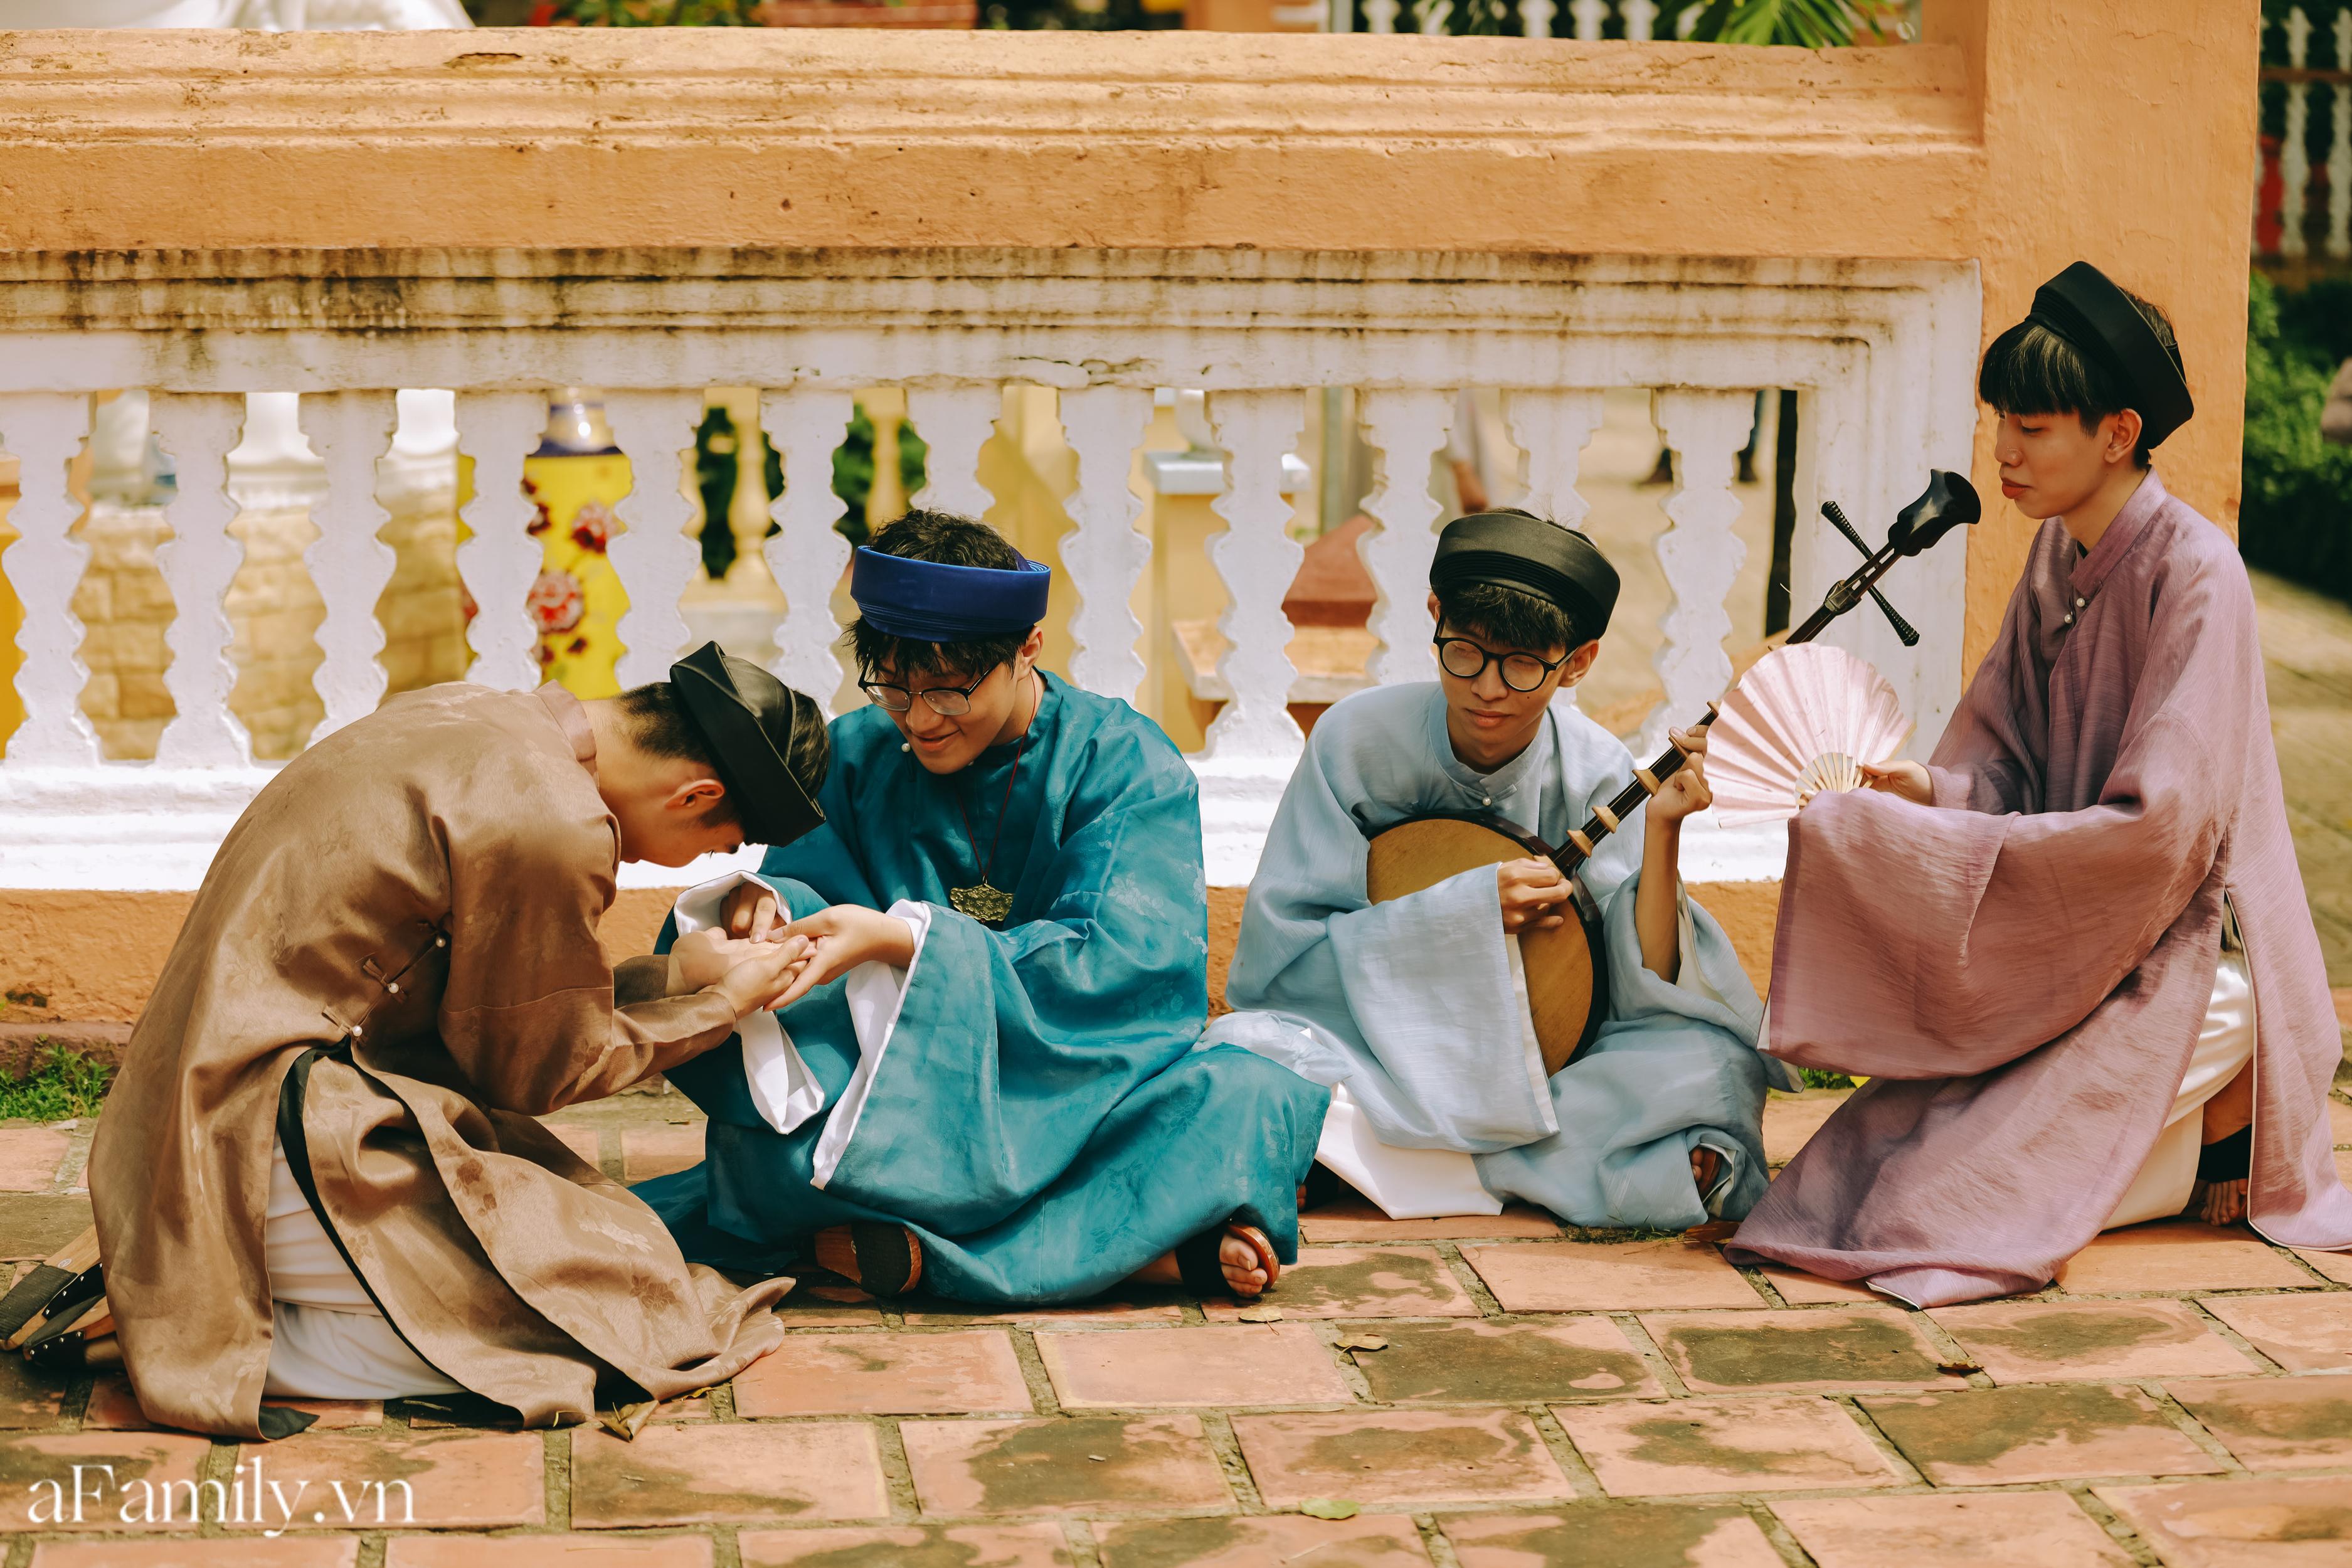 """Nhóm học sinh cấp 3 tìm về nét đẹp truyền thống, diện nguyên dàn cổ phục Việt chụp ảnh kỷ yếu, nhanh chóng thành tạo """"hot trend"""" trên mạng xã hội - Ảnh 10."""